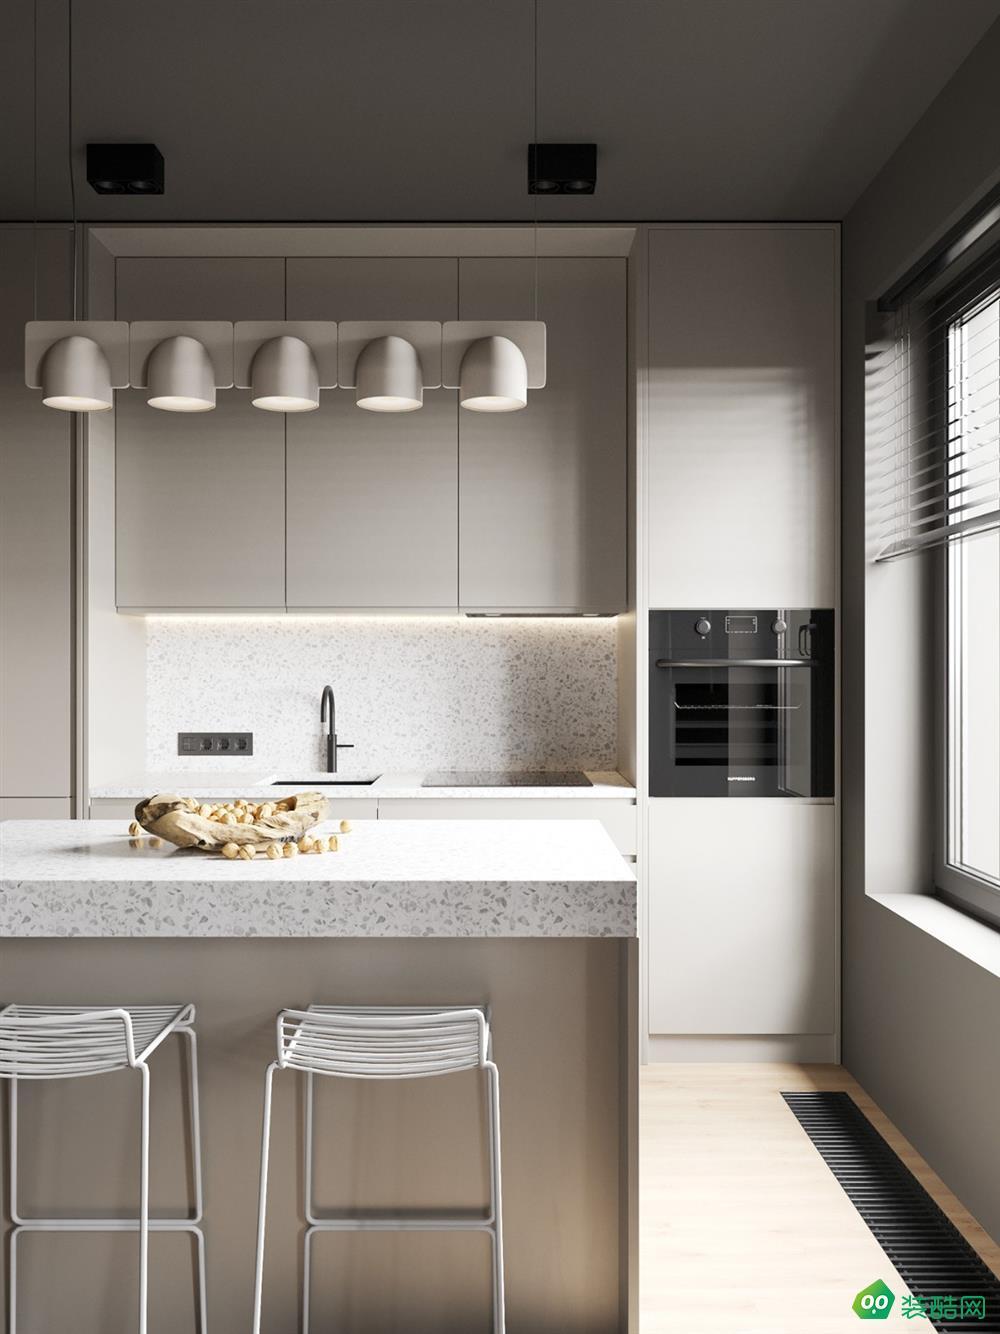 38.4平米單身公寓設計,干凈簡約高格調